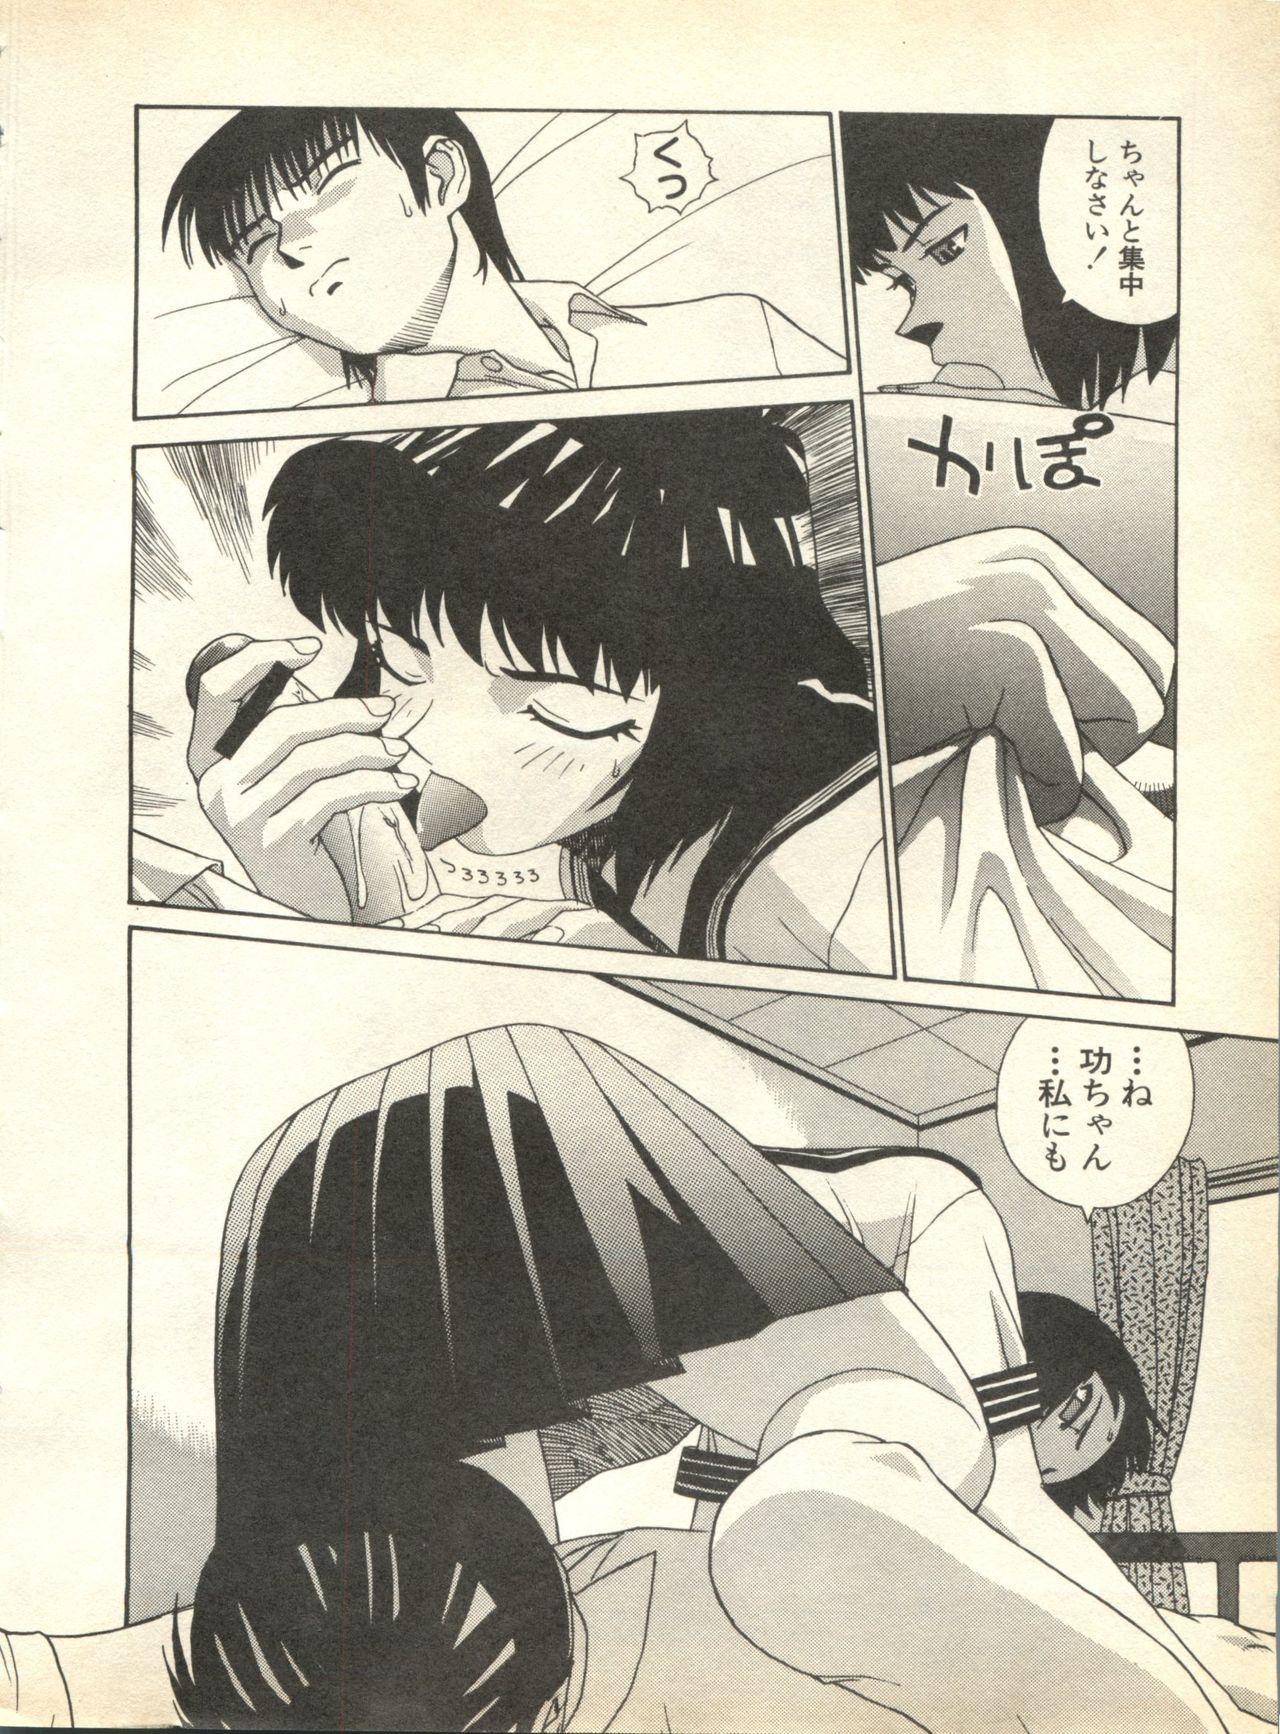 Pai;kuu 1998 October Vol. 13 49